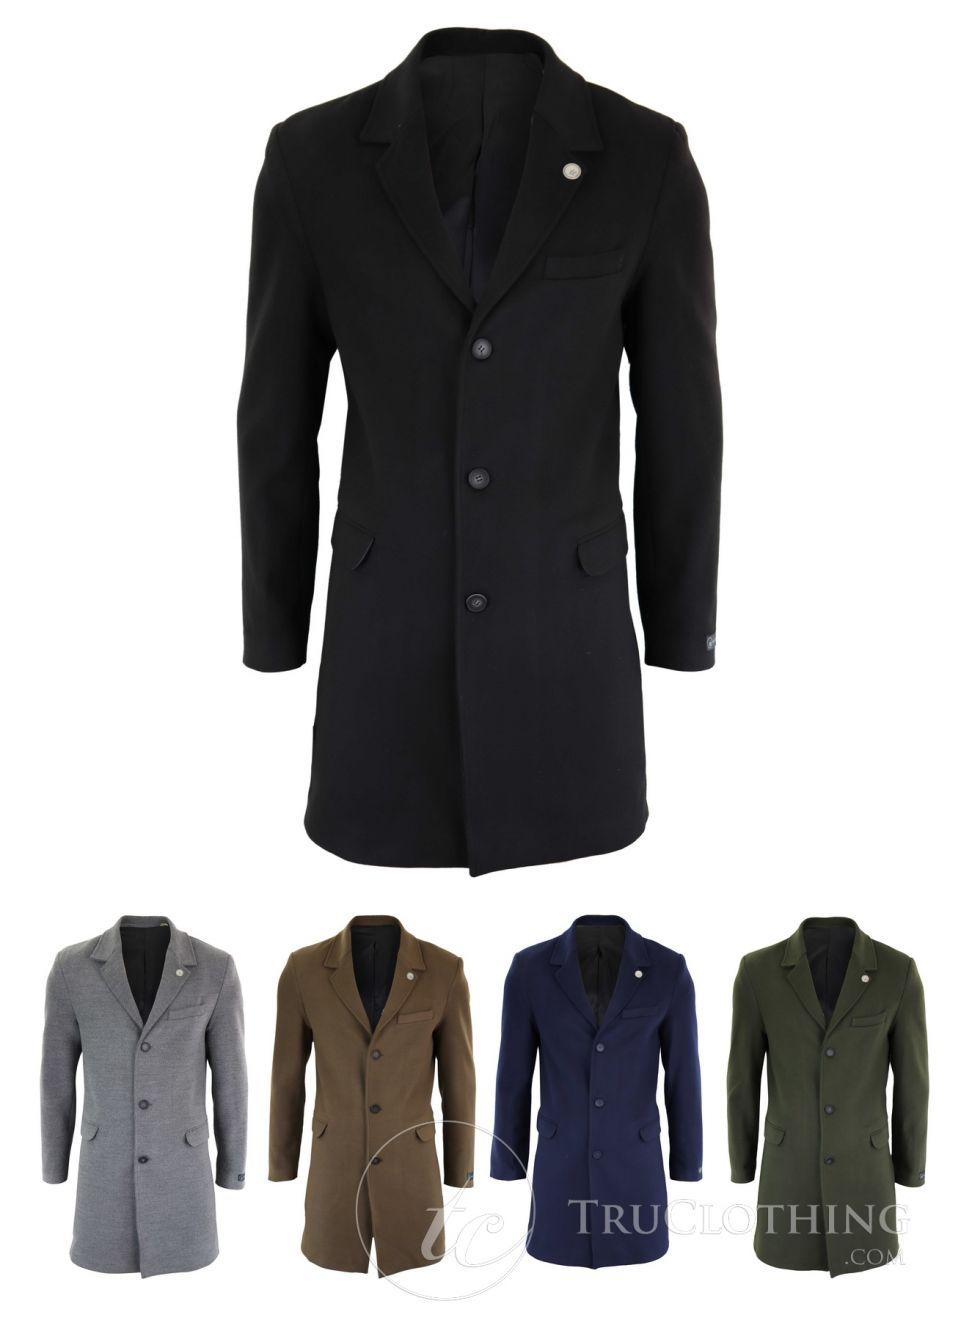 معطف طويل من الصوف الكلاسيكي للرجال ، بدلة من قطعة واحدة Peaky Blinders ، سترة صوف تويد مصنوعة حسب الطلب